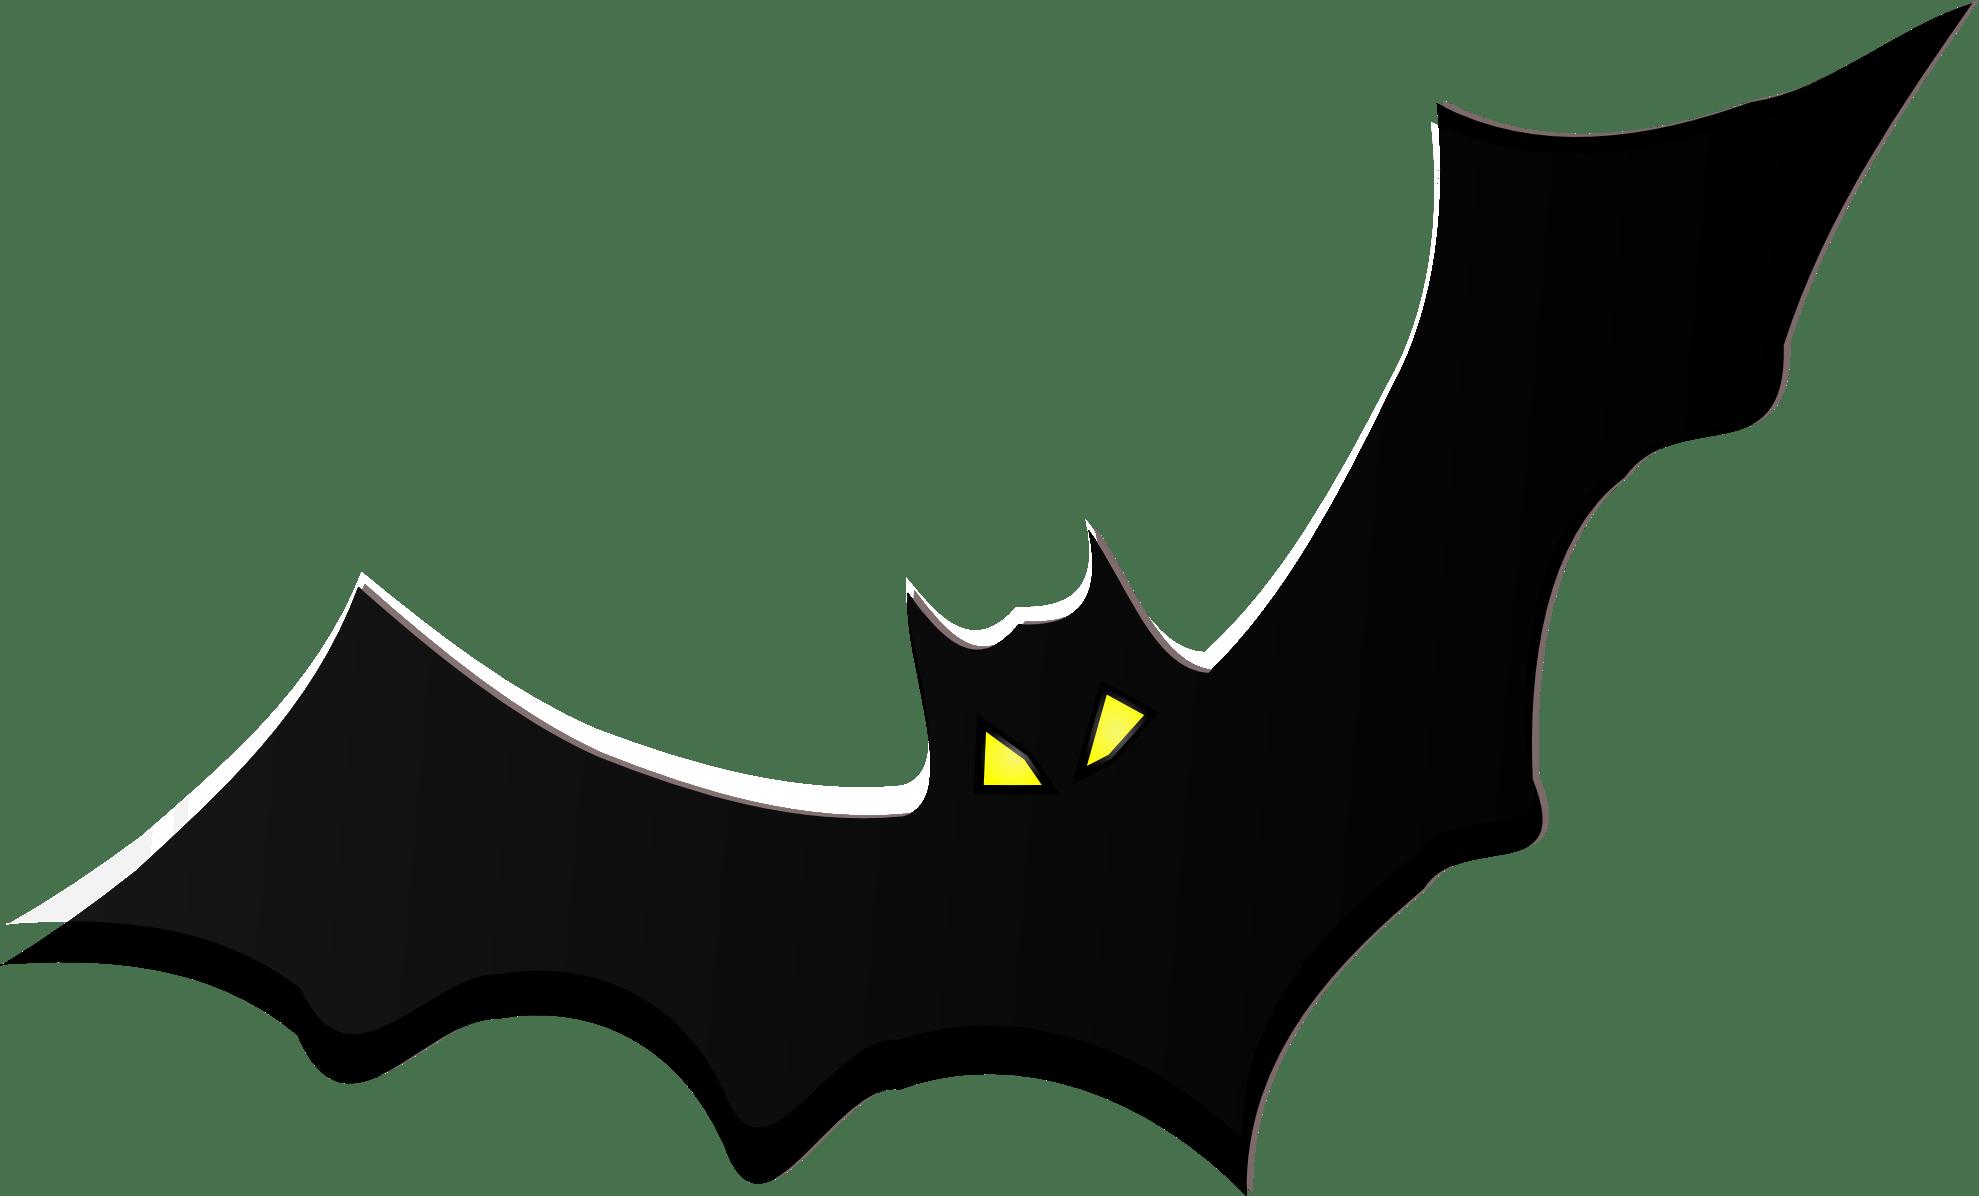 picture free download Logo clipart png photos. Transparent bat